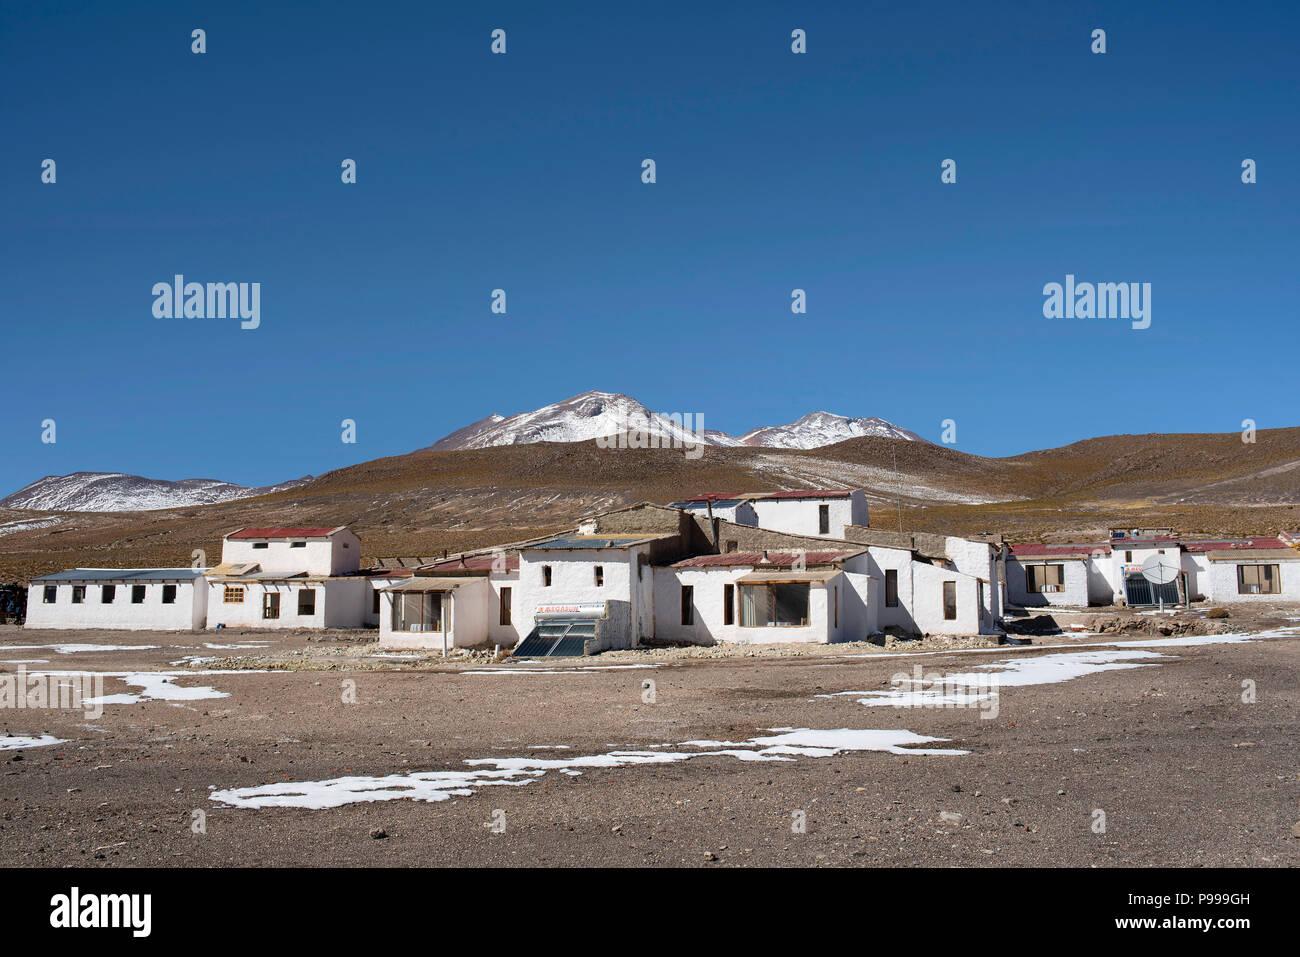 Die winterliche Landschaft des Laguna Cañapa (Cañapa salt lake) und seine kleine Gruppe von weißen Häusern. Potosí in Bolivien. Stockbild